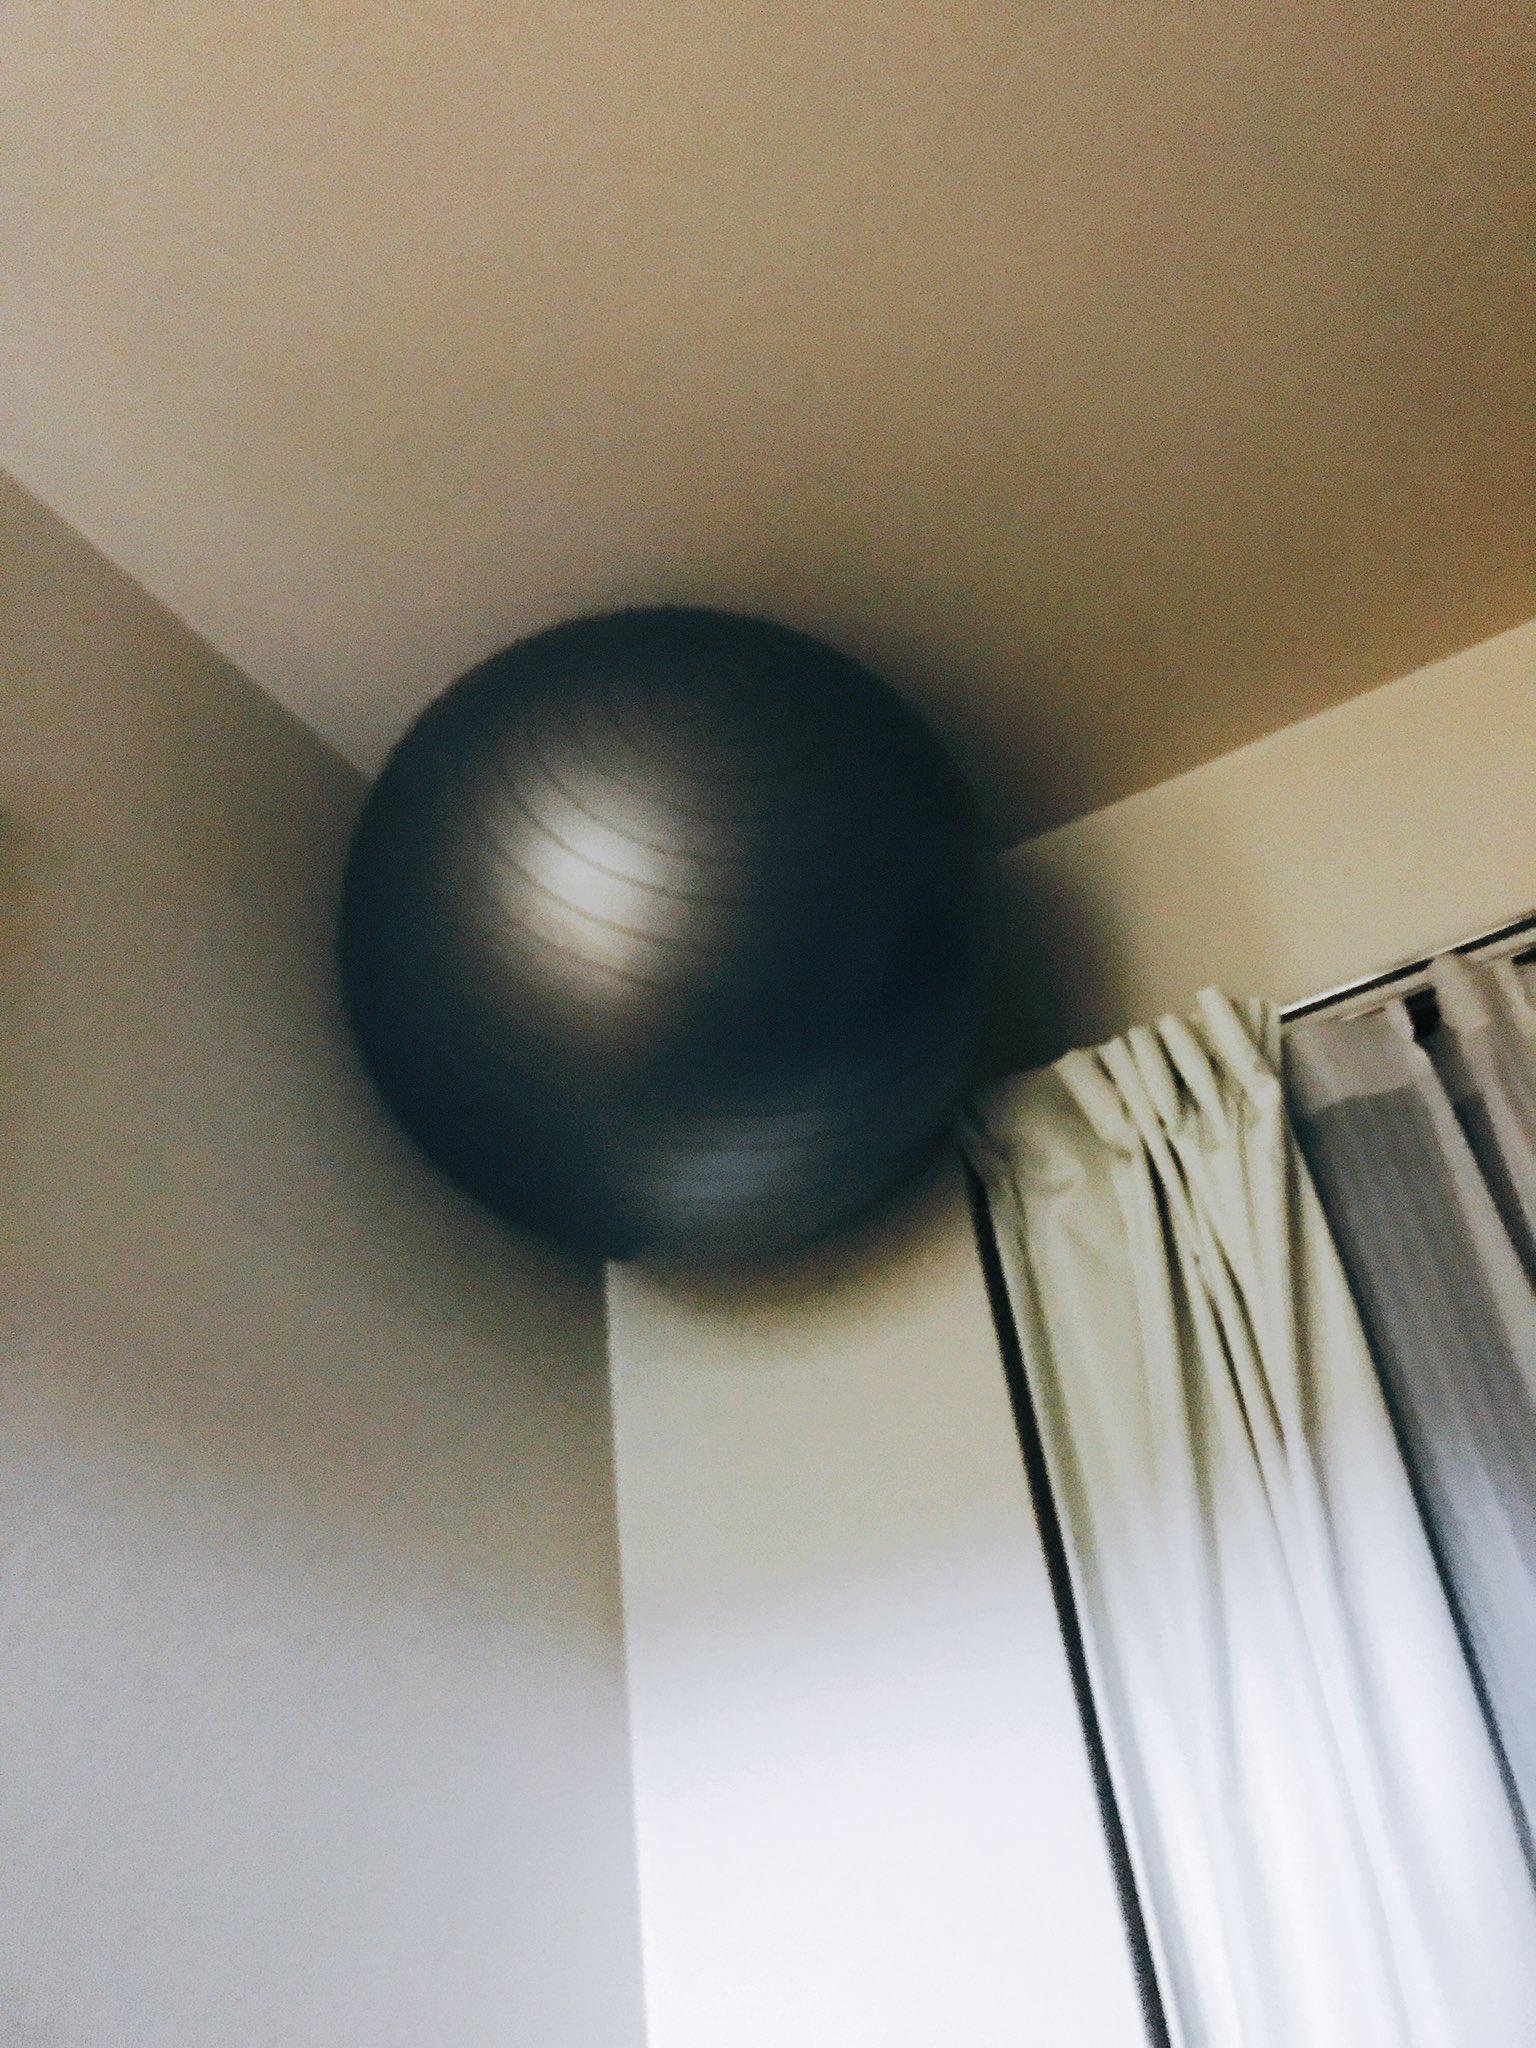 バランスボール邪魔だったから天井の角にはめたんだけど、存在忘れた頃に見つけるとビビる